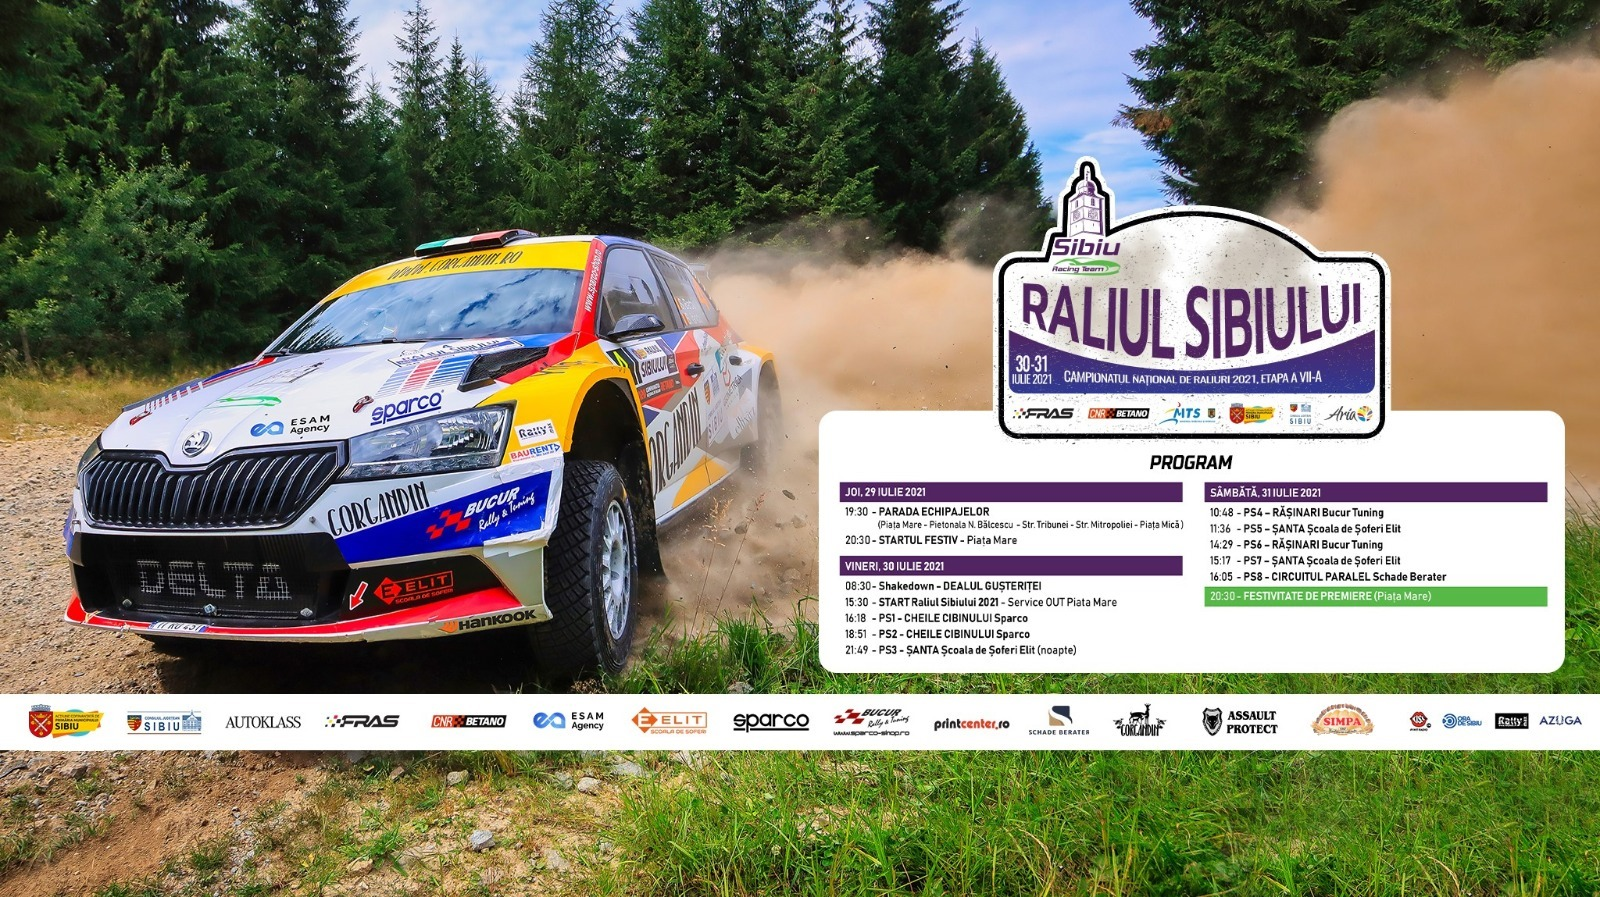 67 de echipaje s-au înscris la Raliul Sibiului 2021